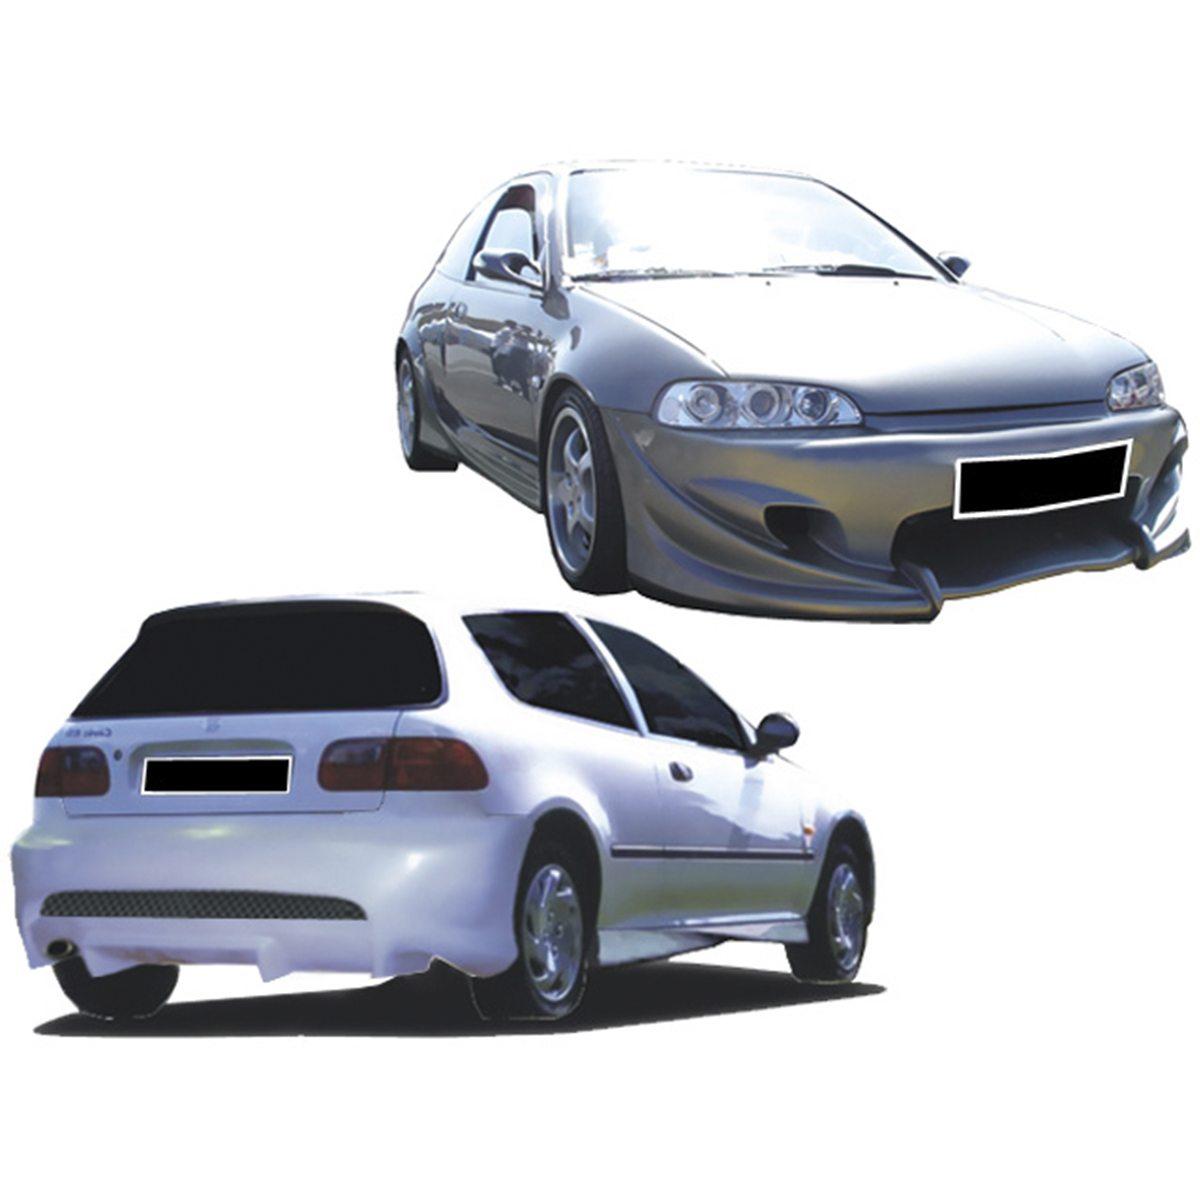 Honda-Civic-92-Flash-KIT-QTU015